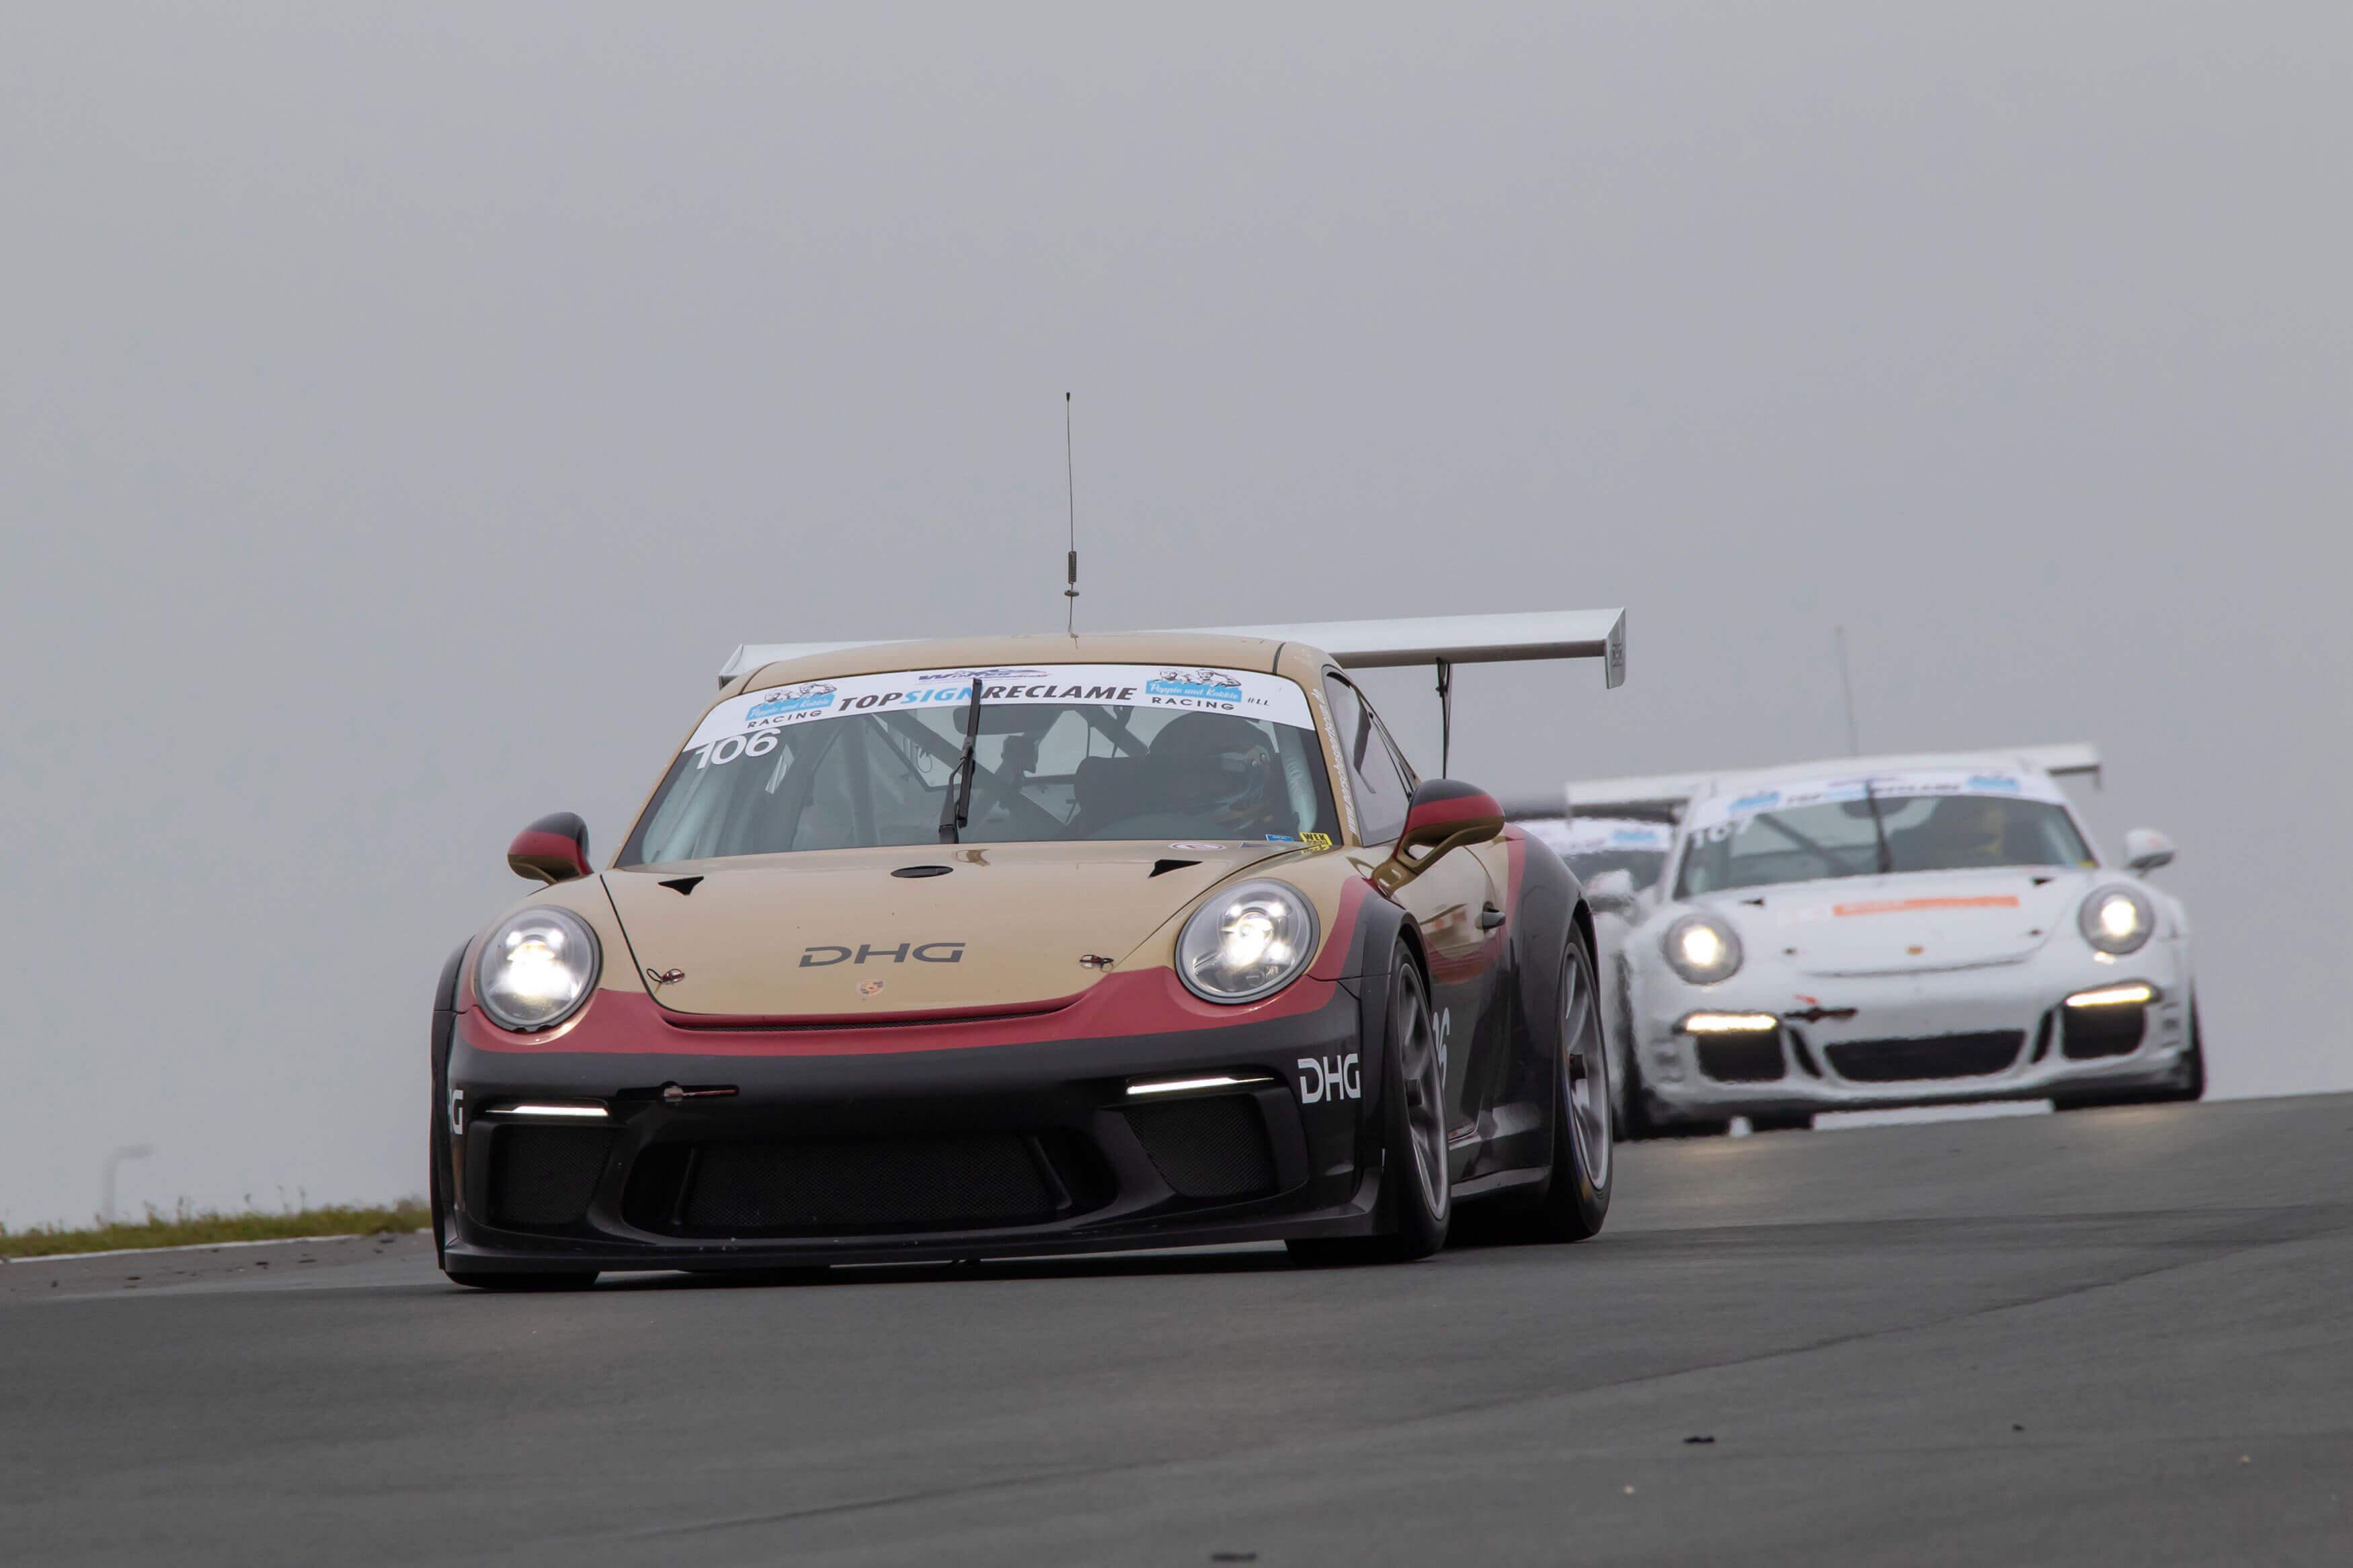 zandvoort 500 dhg racing